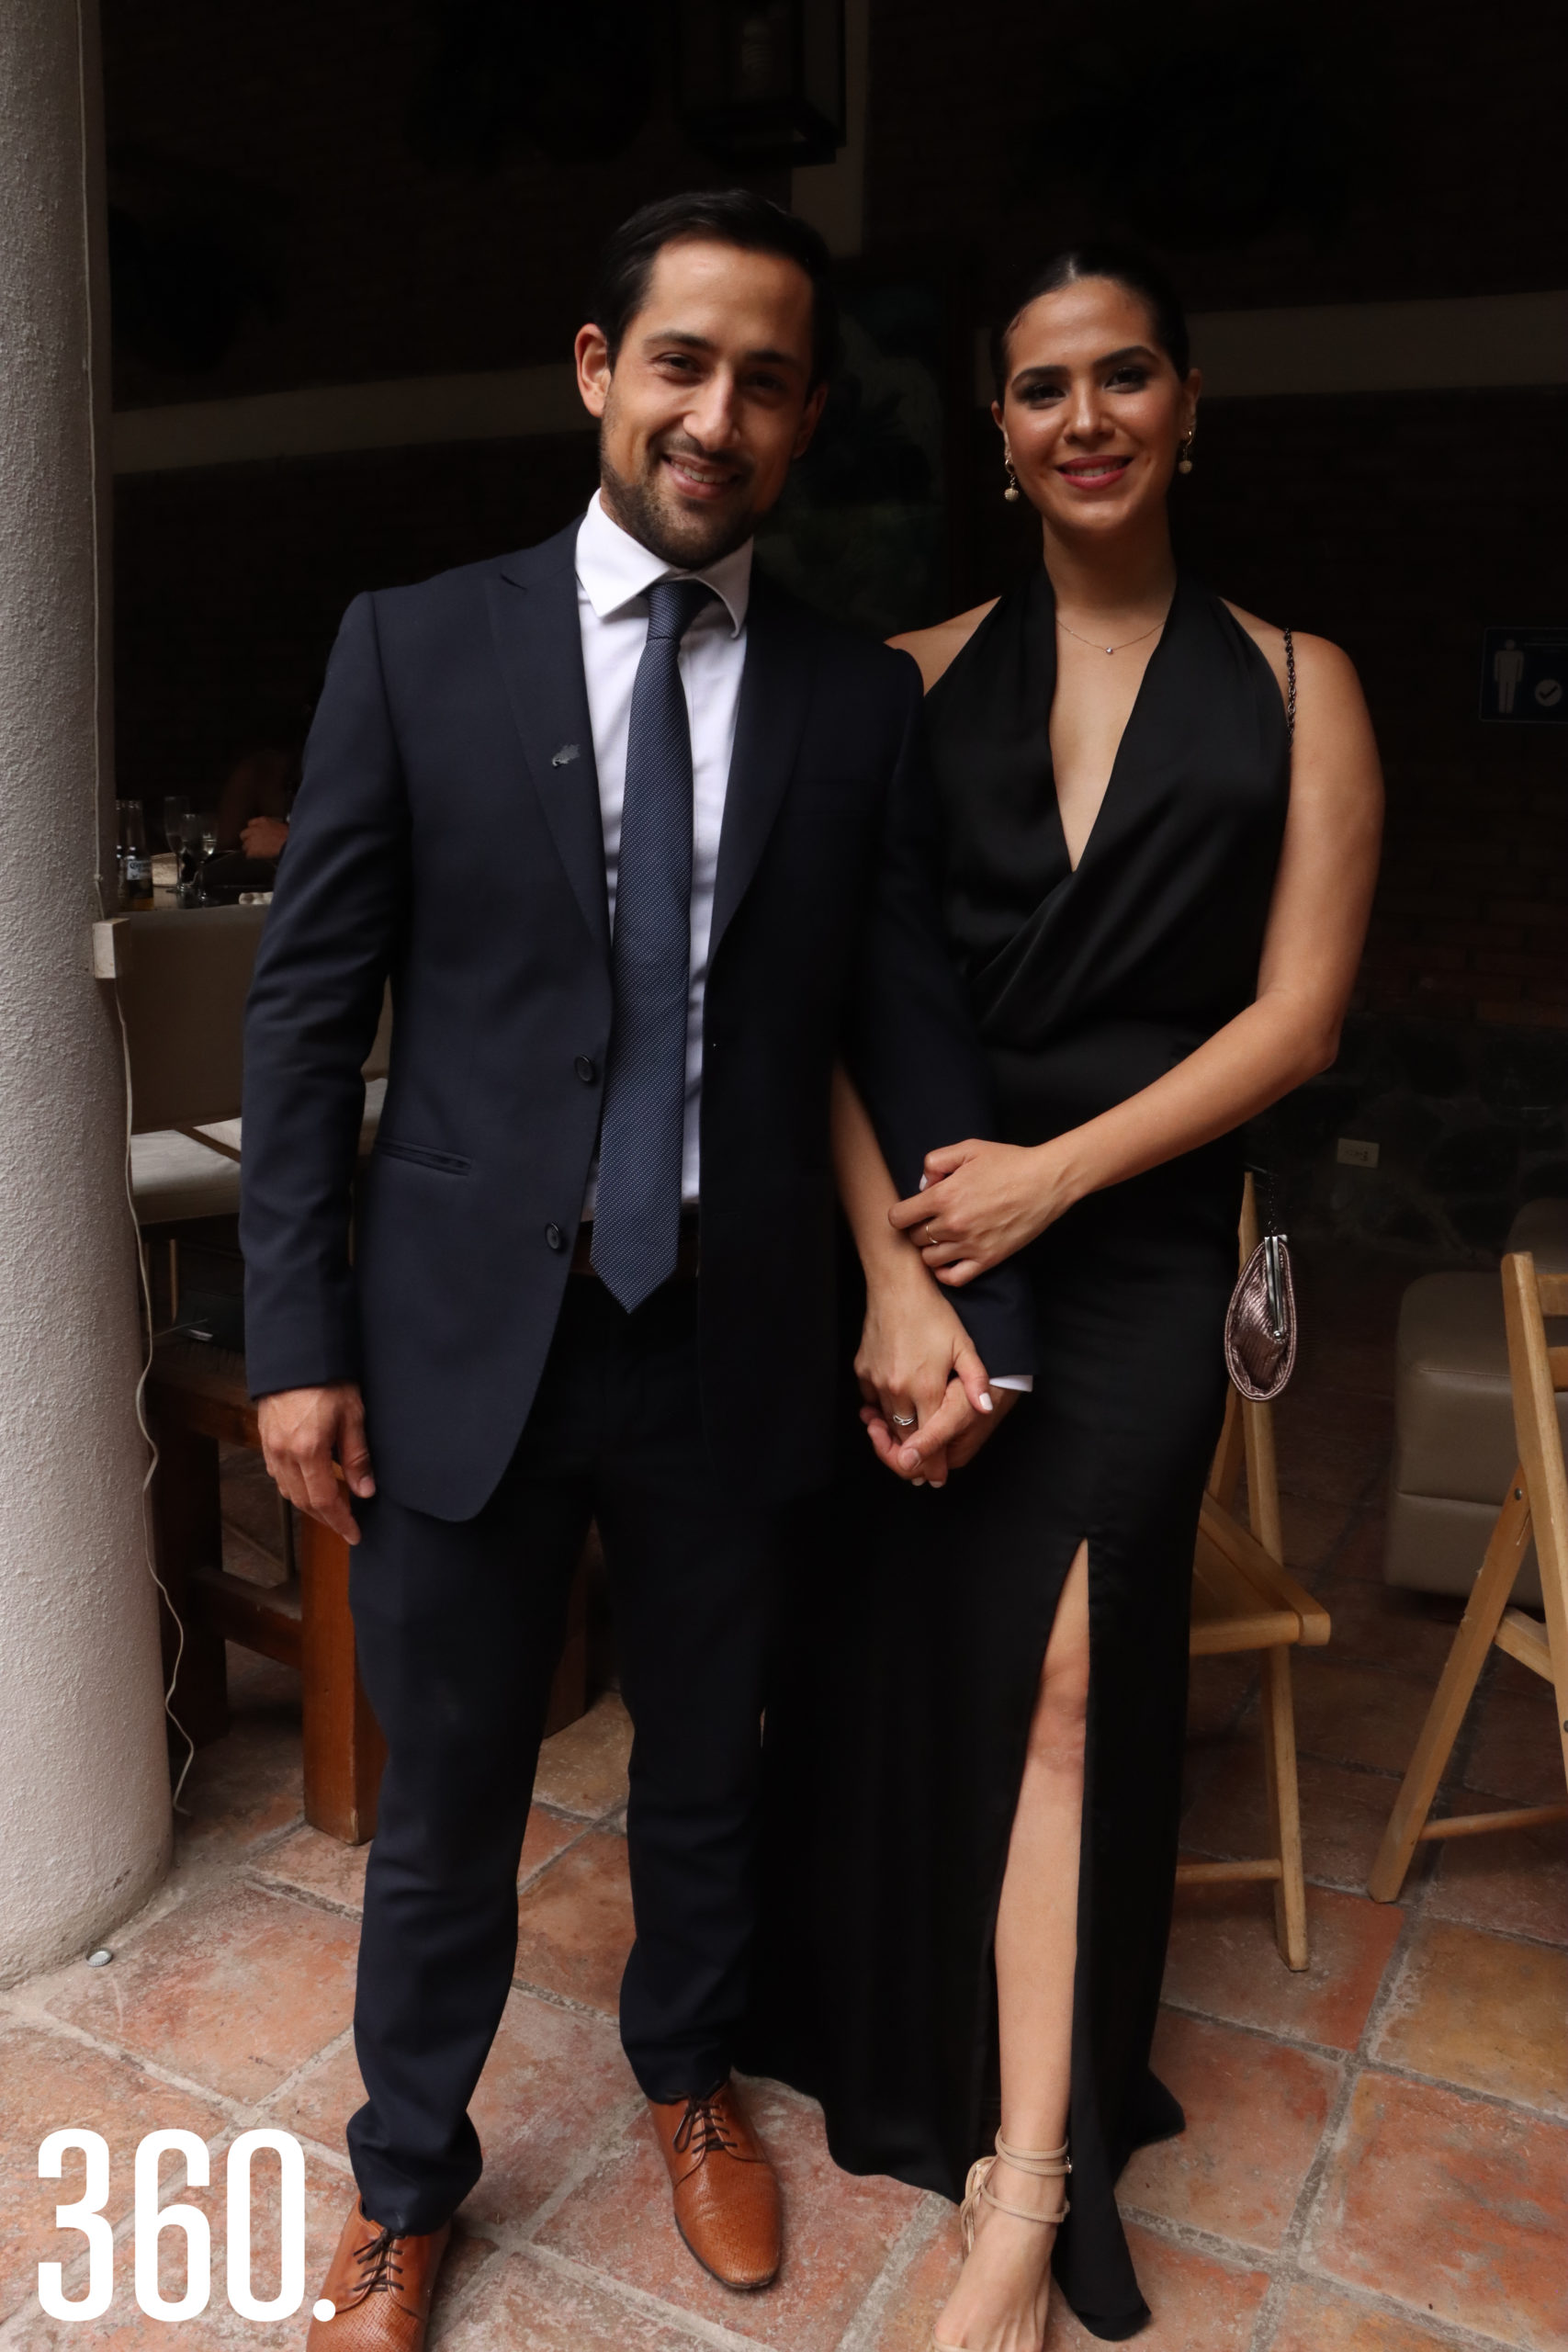 Ricardo Recio y Andrea López.